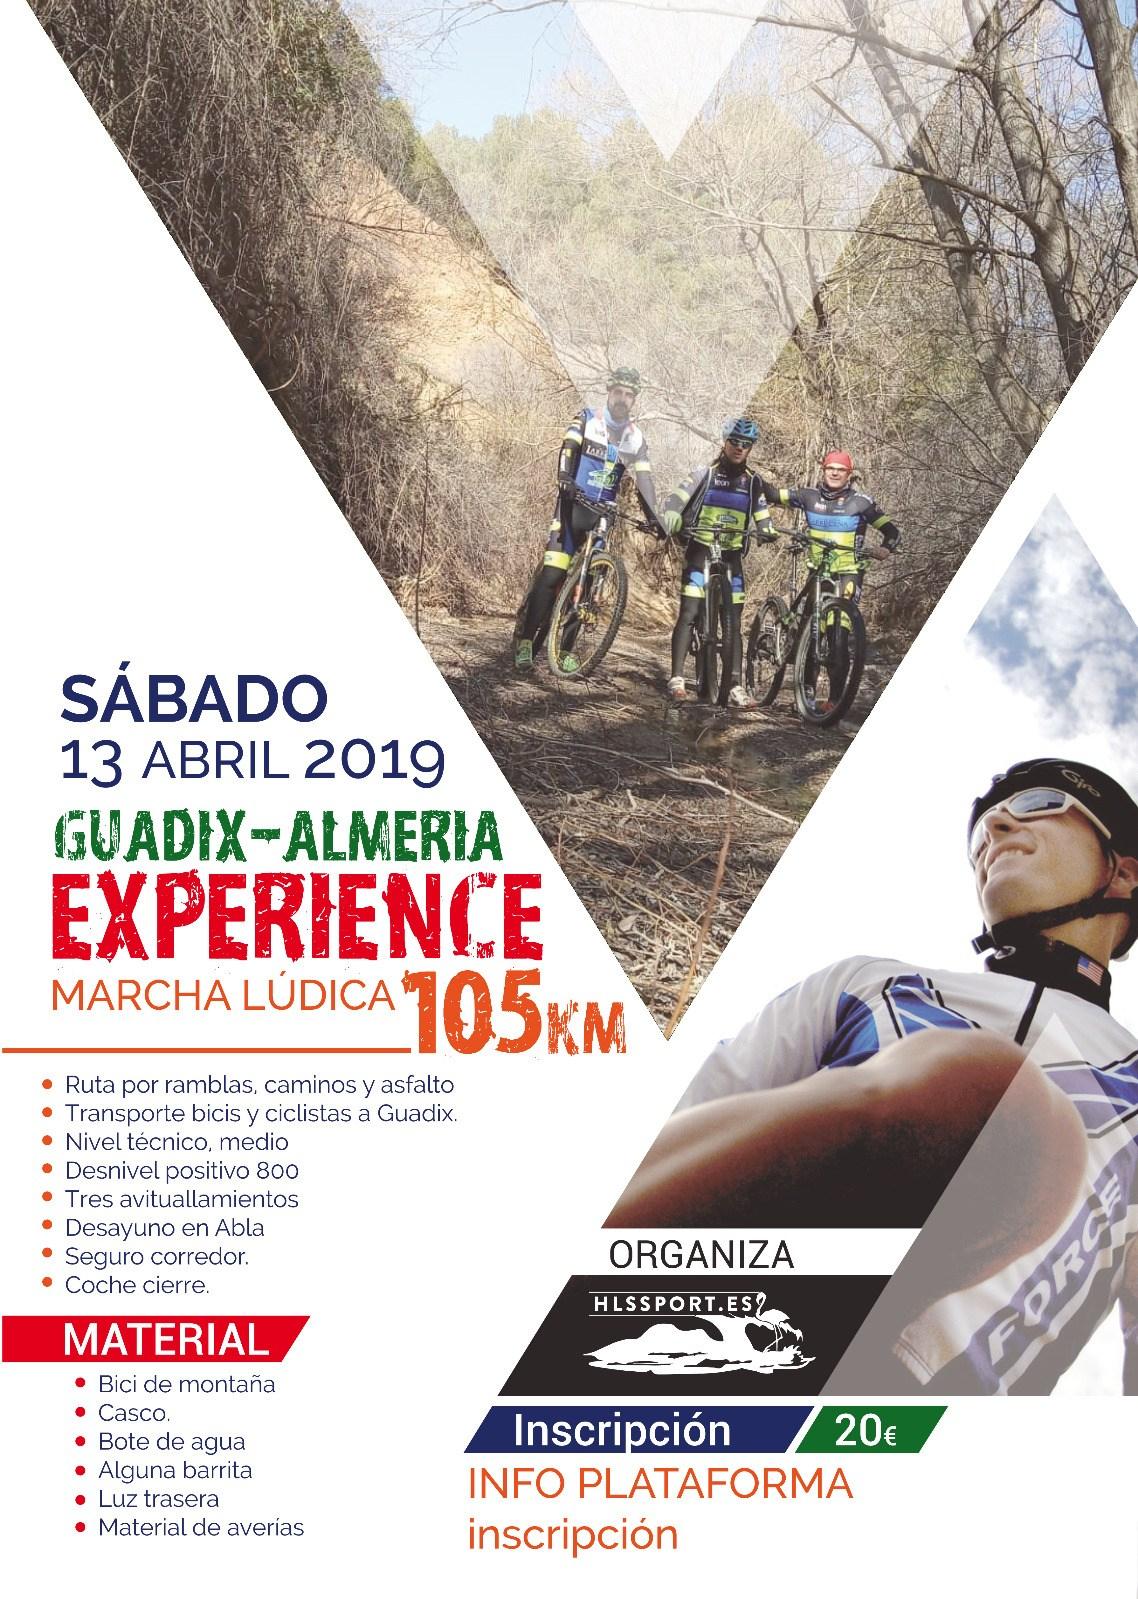 GUADIX-ALMERÍA EXPERIENCE en BTT 105KM